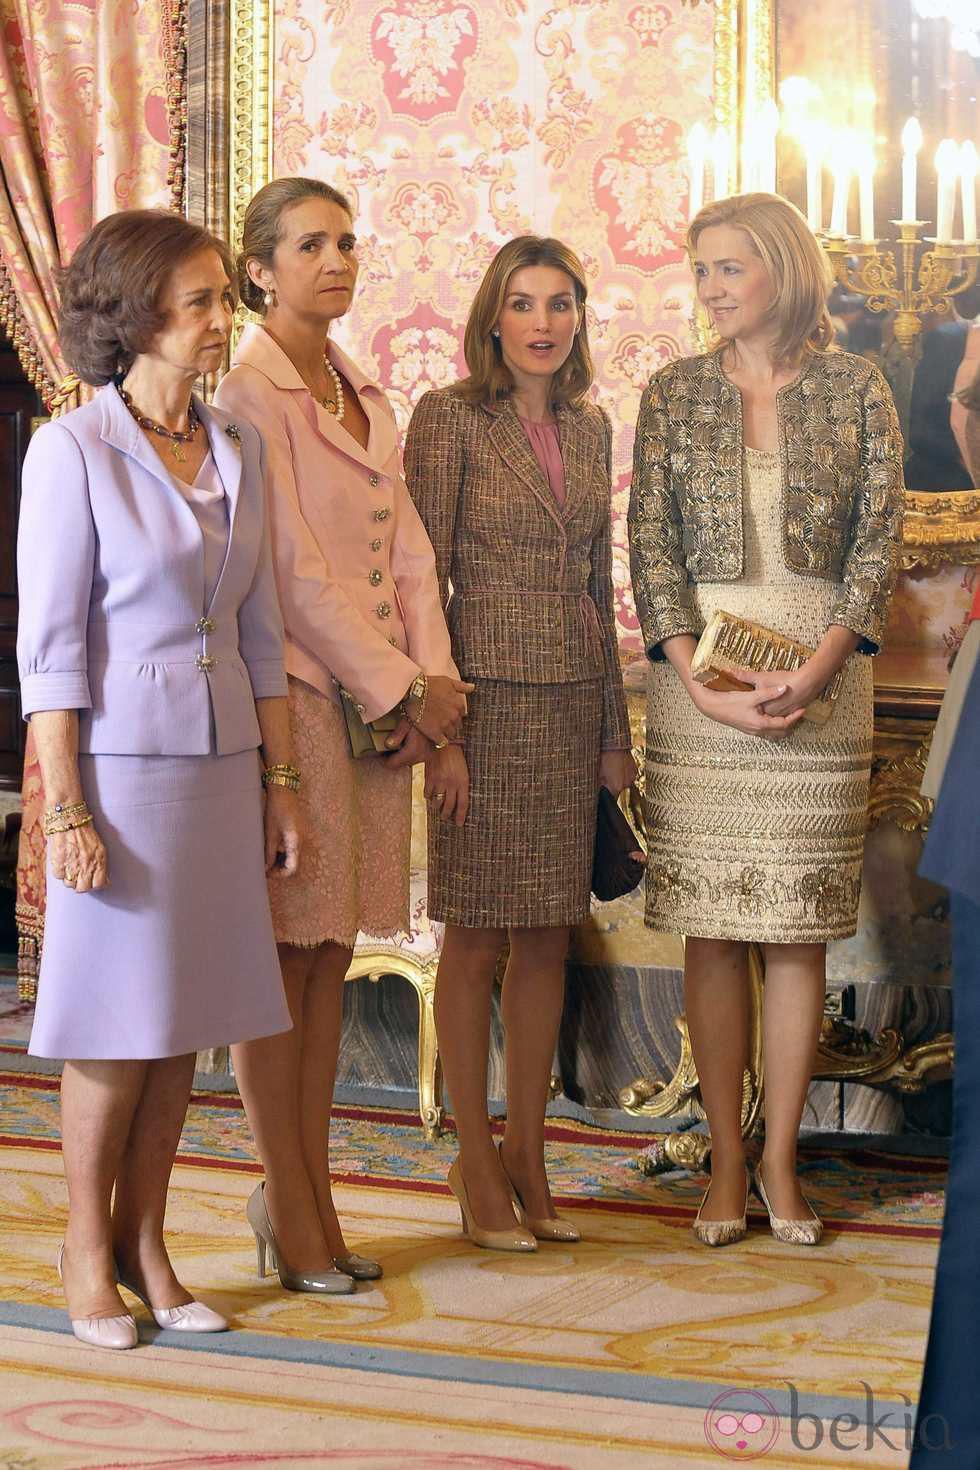 9581_las-mujeres-de-la-familia-real-en-el-palacio-real-el-dia-de-la-hispanidad.jpg